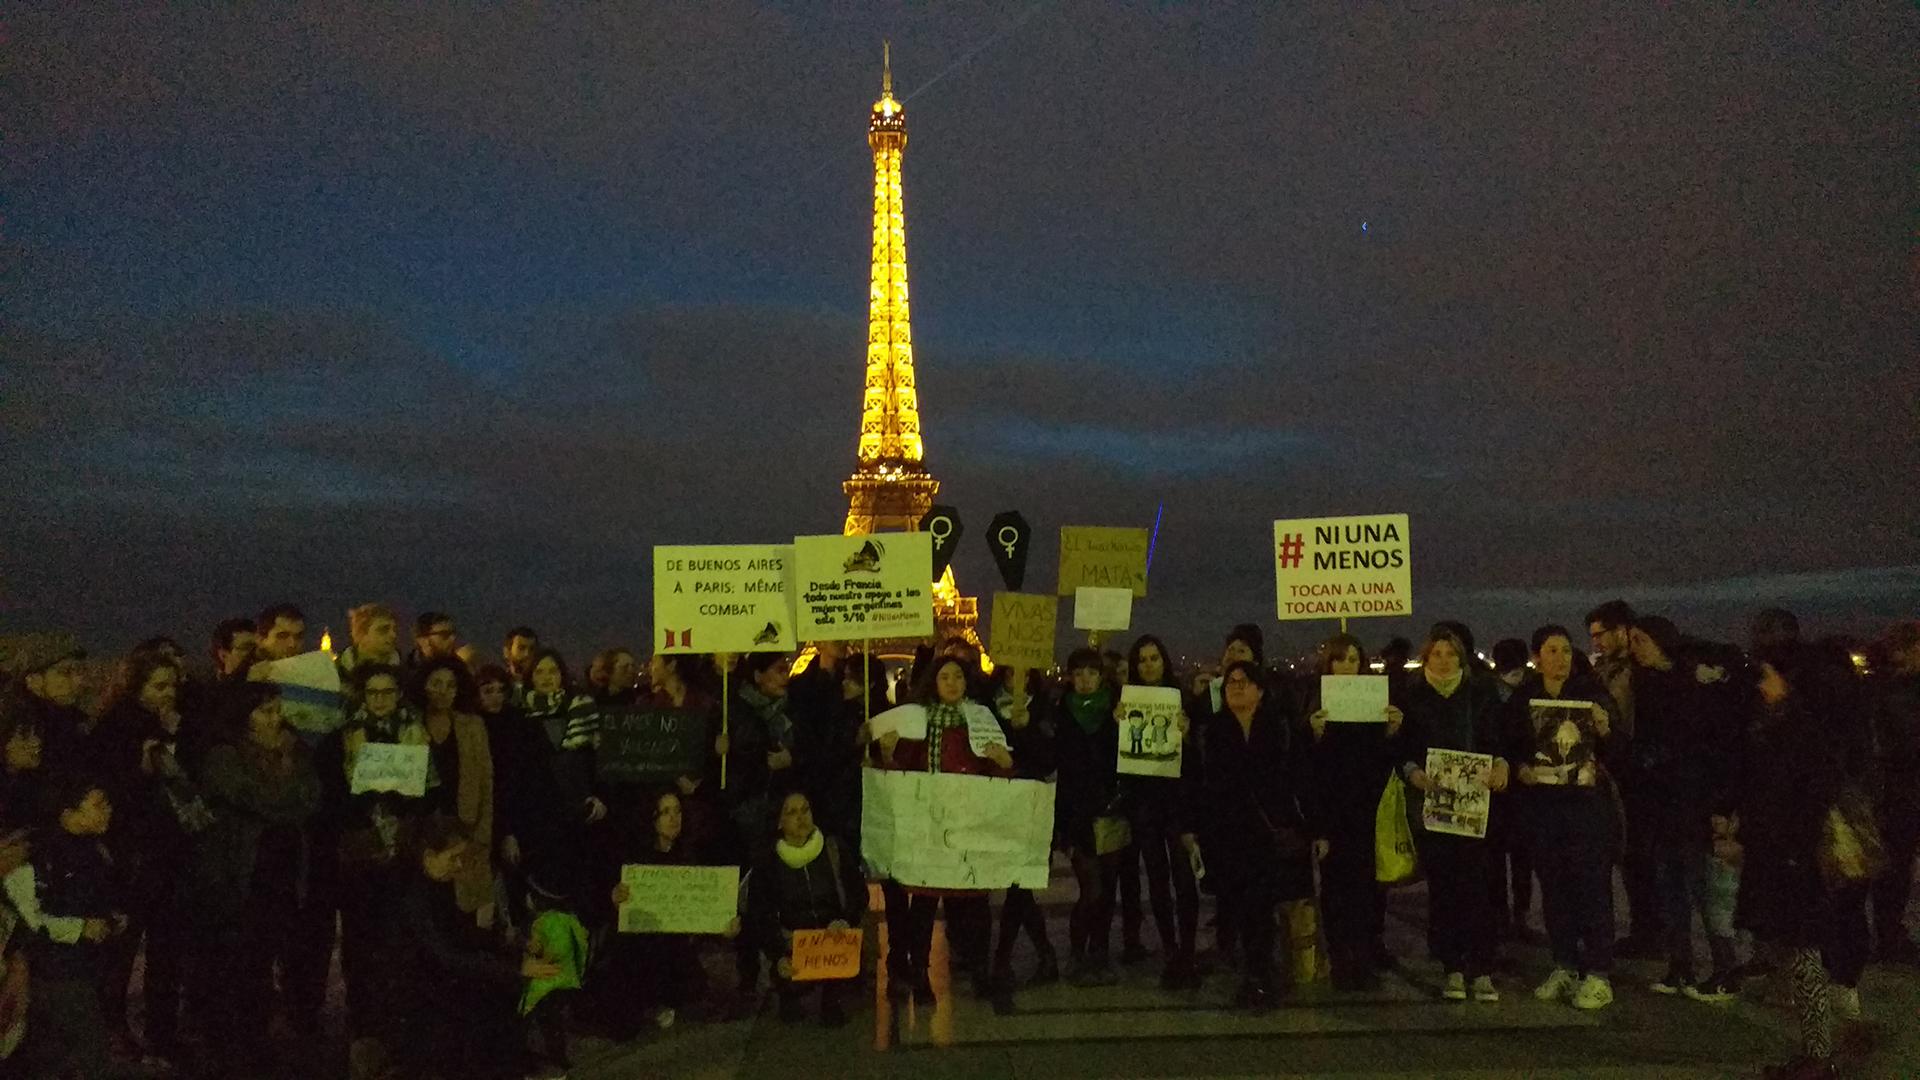 Mujeres argentinas en París se sumaron al #MiércolesNegro (Agustina Ordoqui)